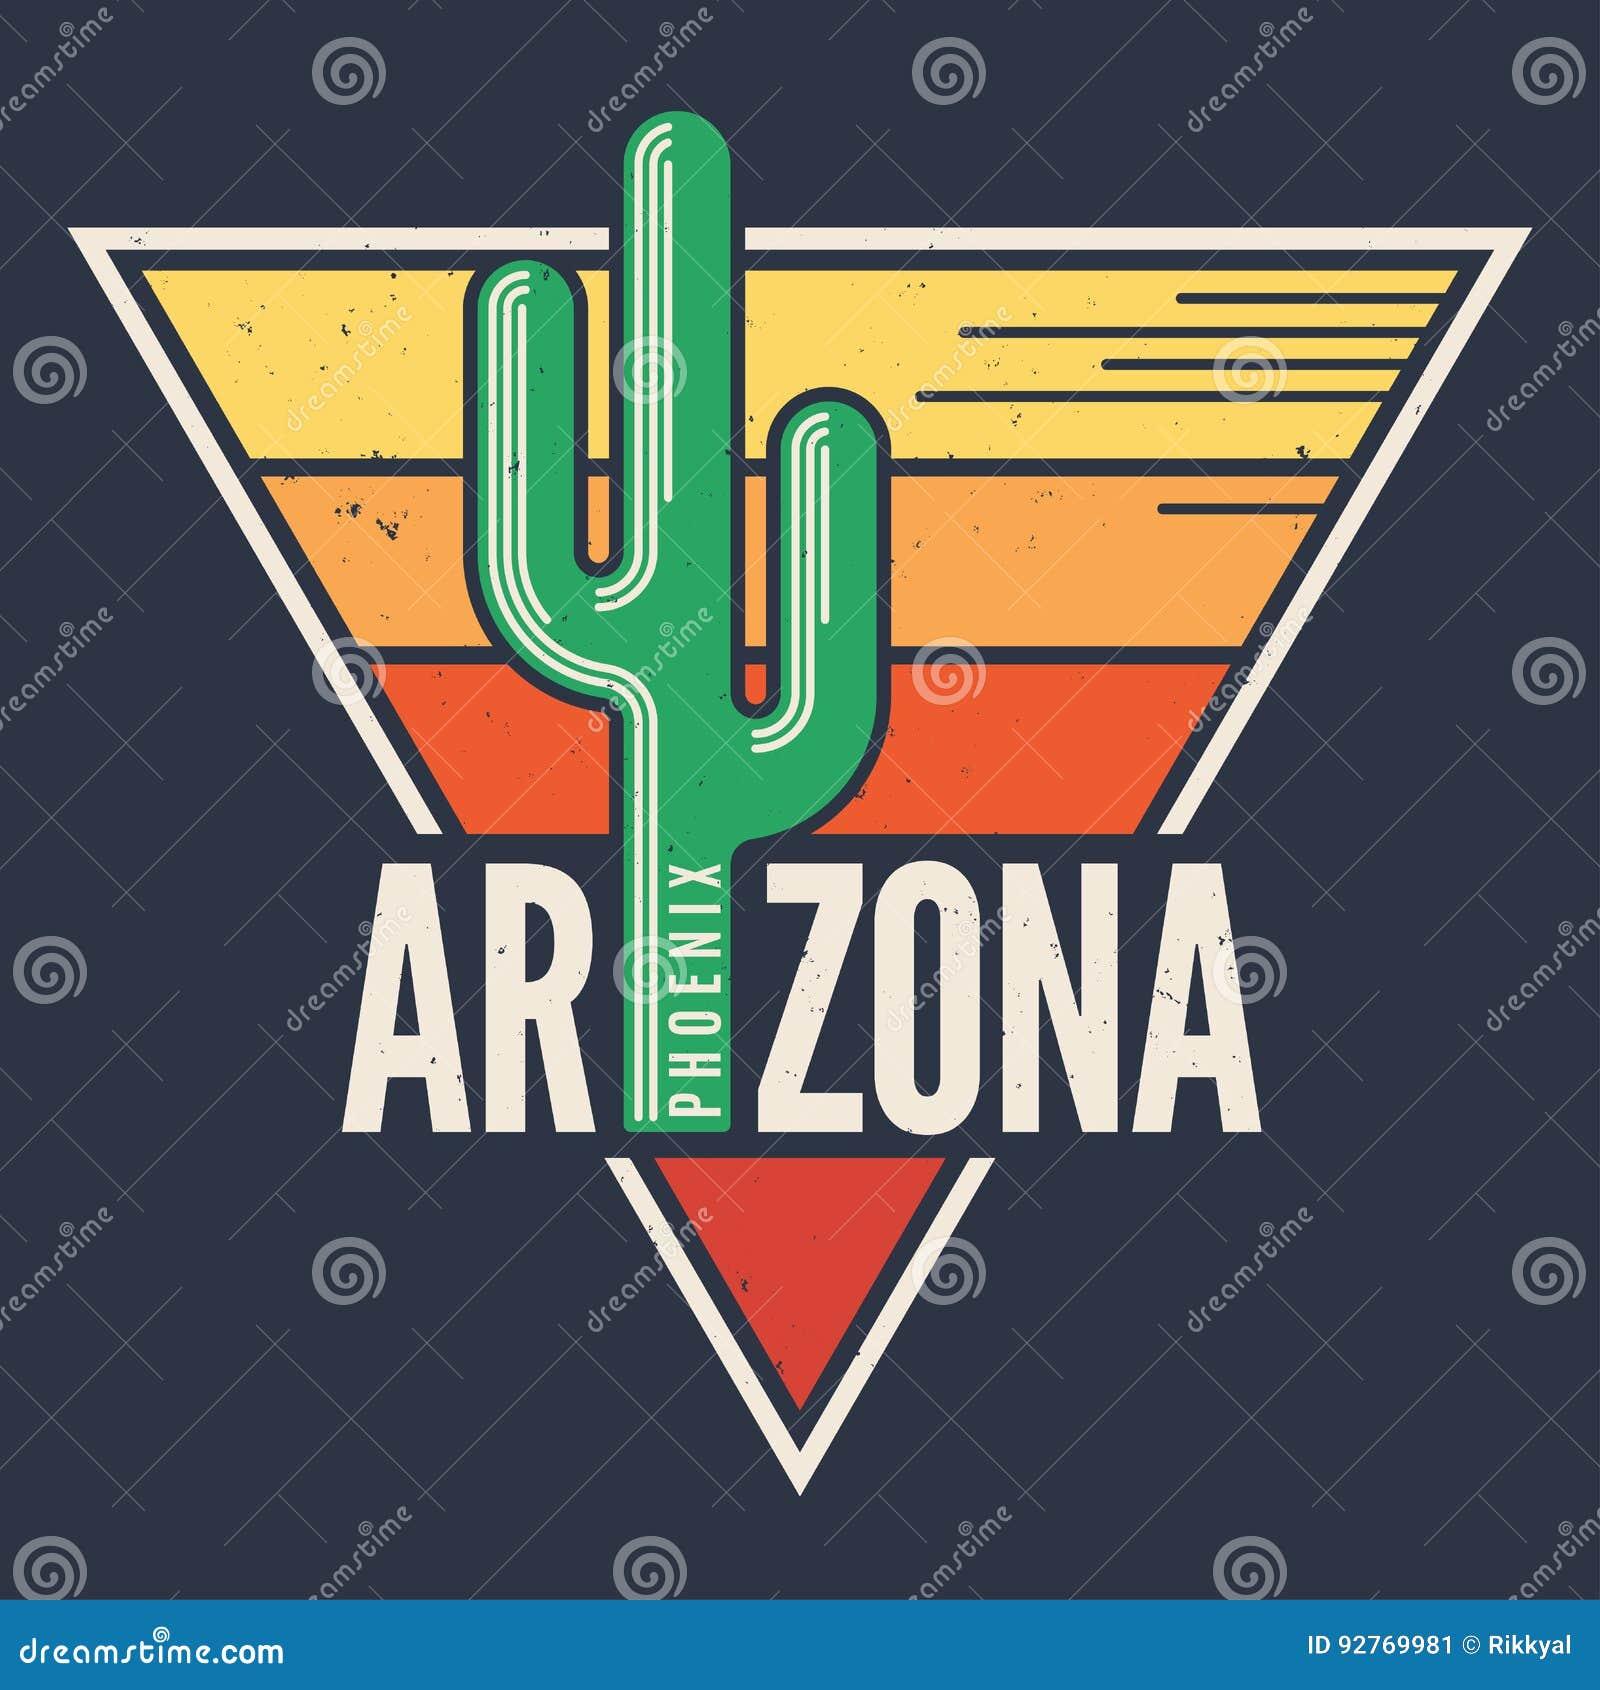 Diseño de la camiseta de Arizona, impresión, tipografía, etiqueta con holgura diseñada